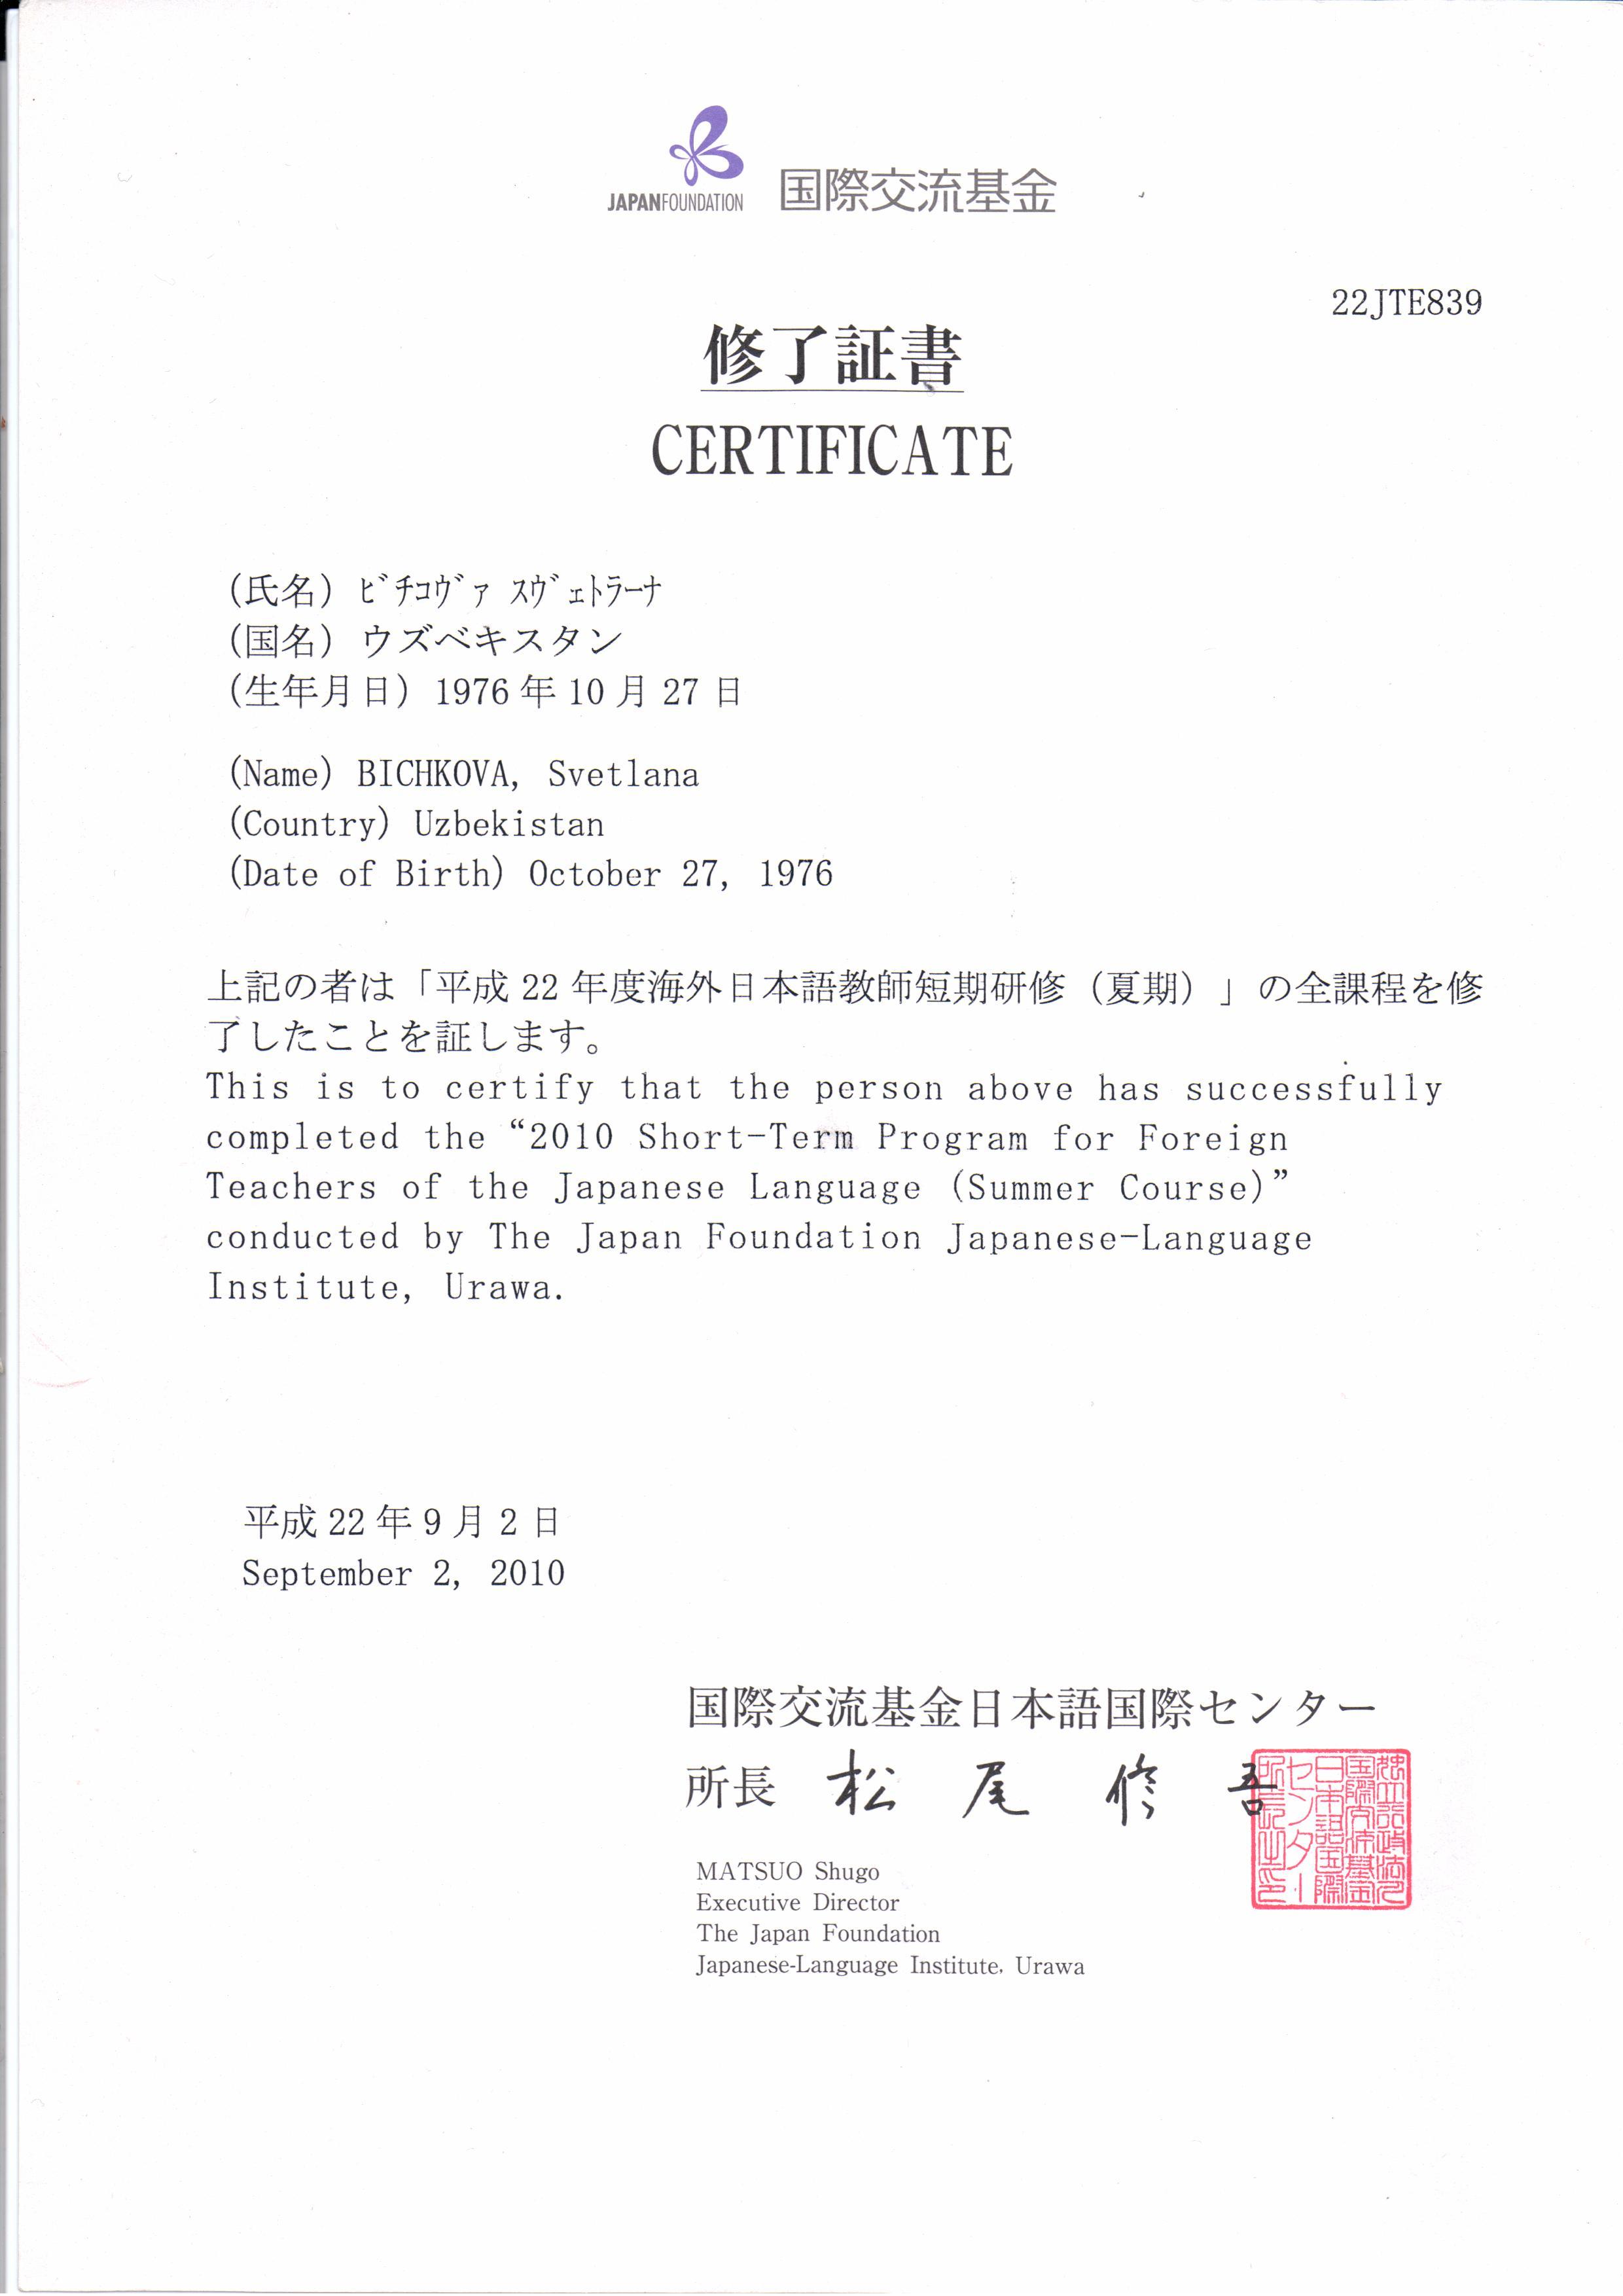 Сертификат Стажировка в Японии 2010 г